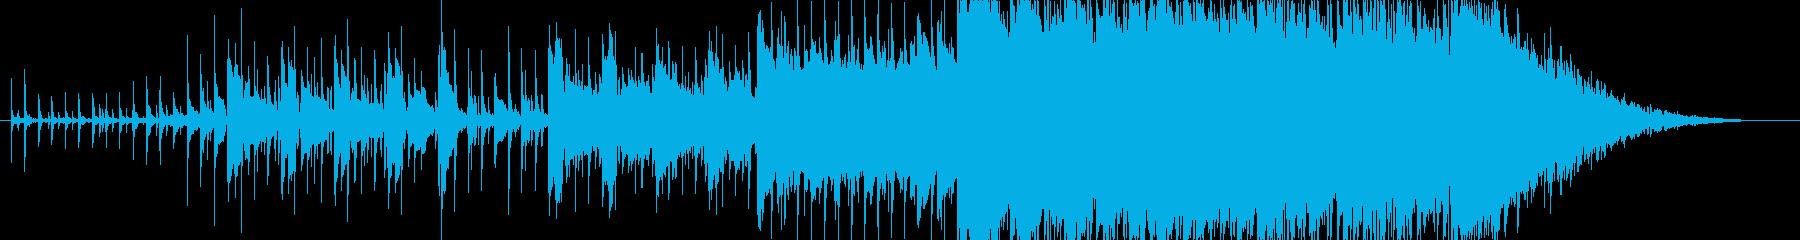 クレッシェンド、プログレッシブイン...の再生済みの波形